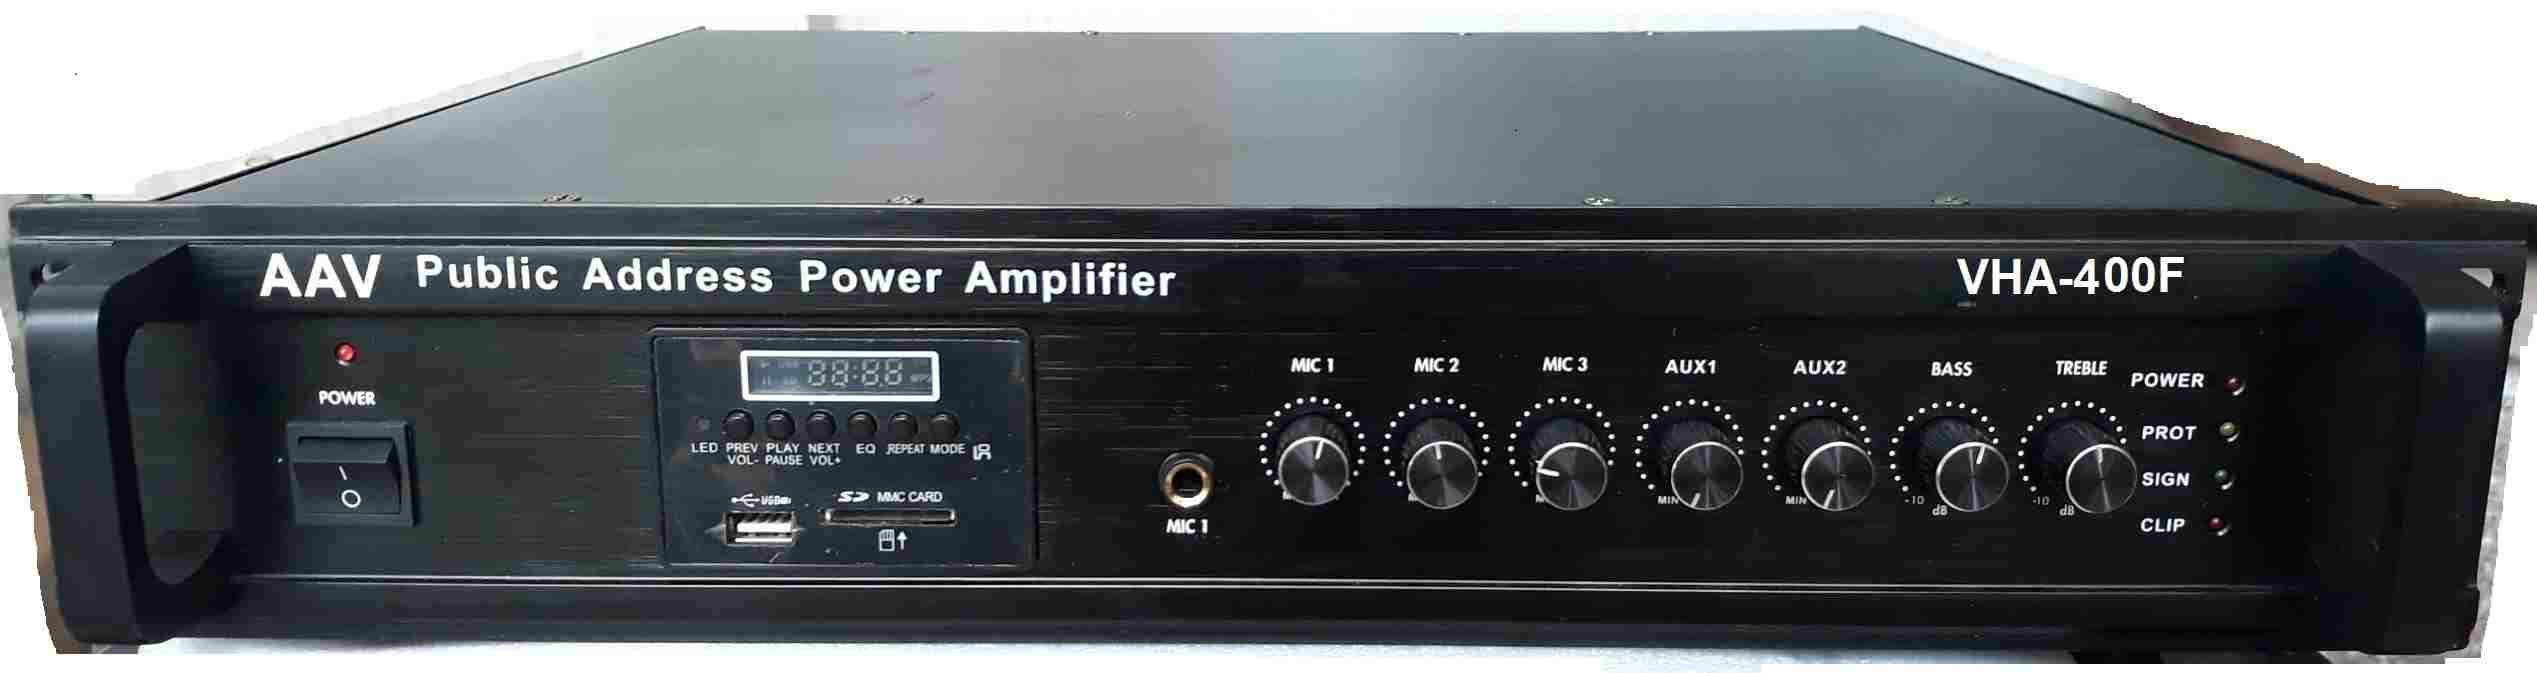 Tăng âm truyền thanh 400W chuẩn,  thiết kế hiện đại, tiện dung, âm thanh hoàn hảo